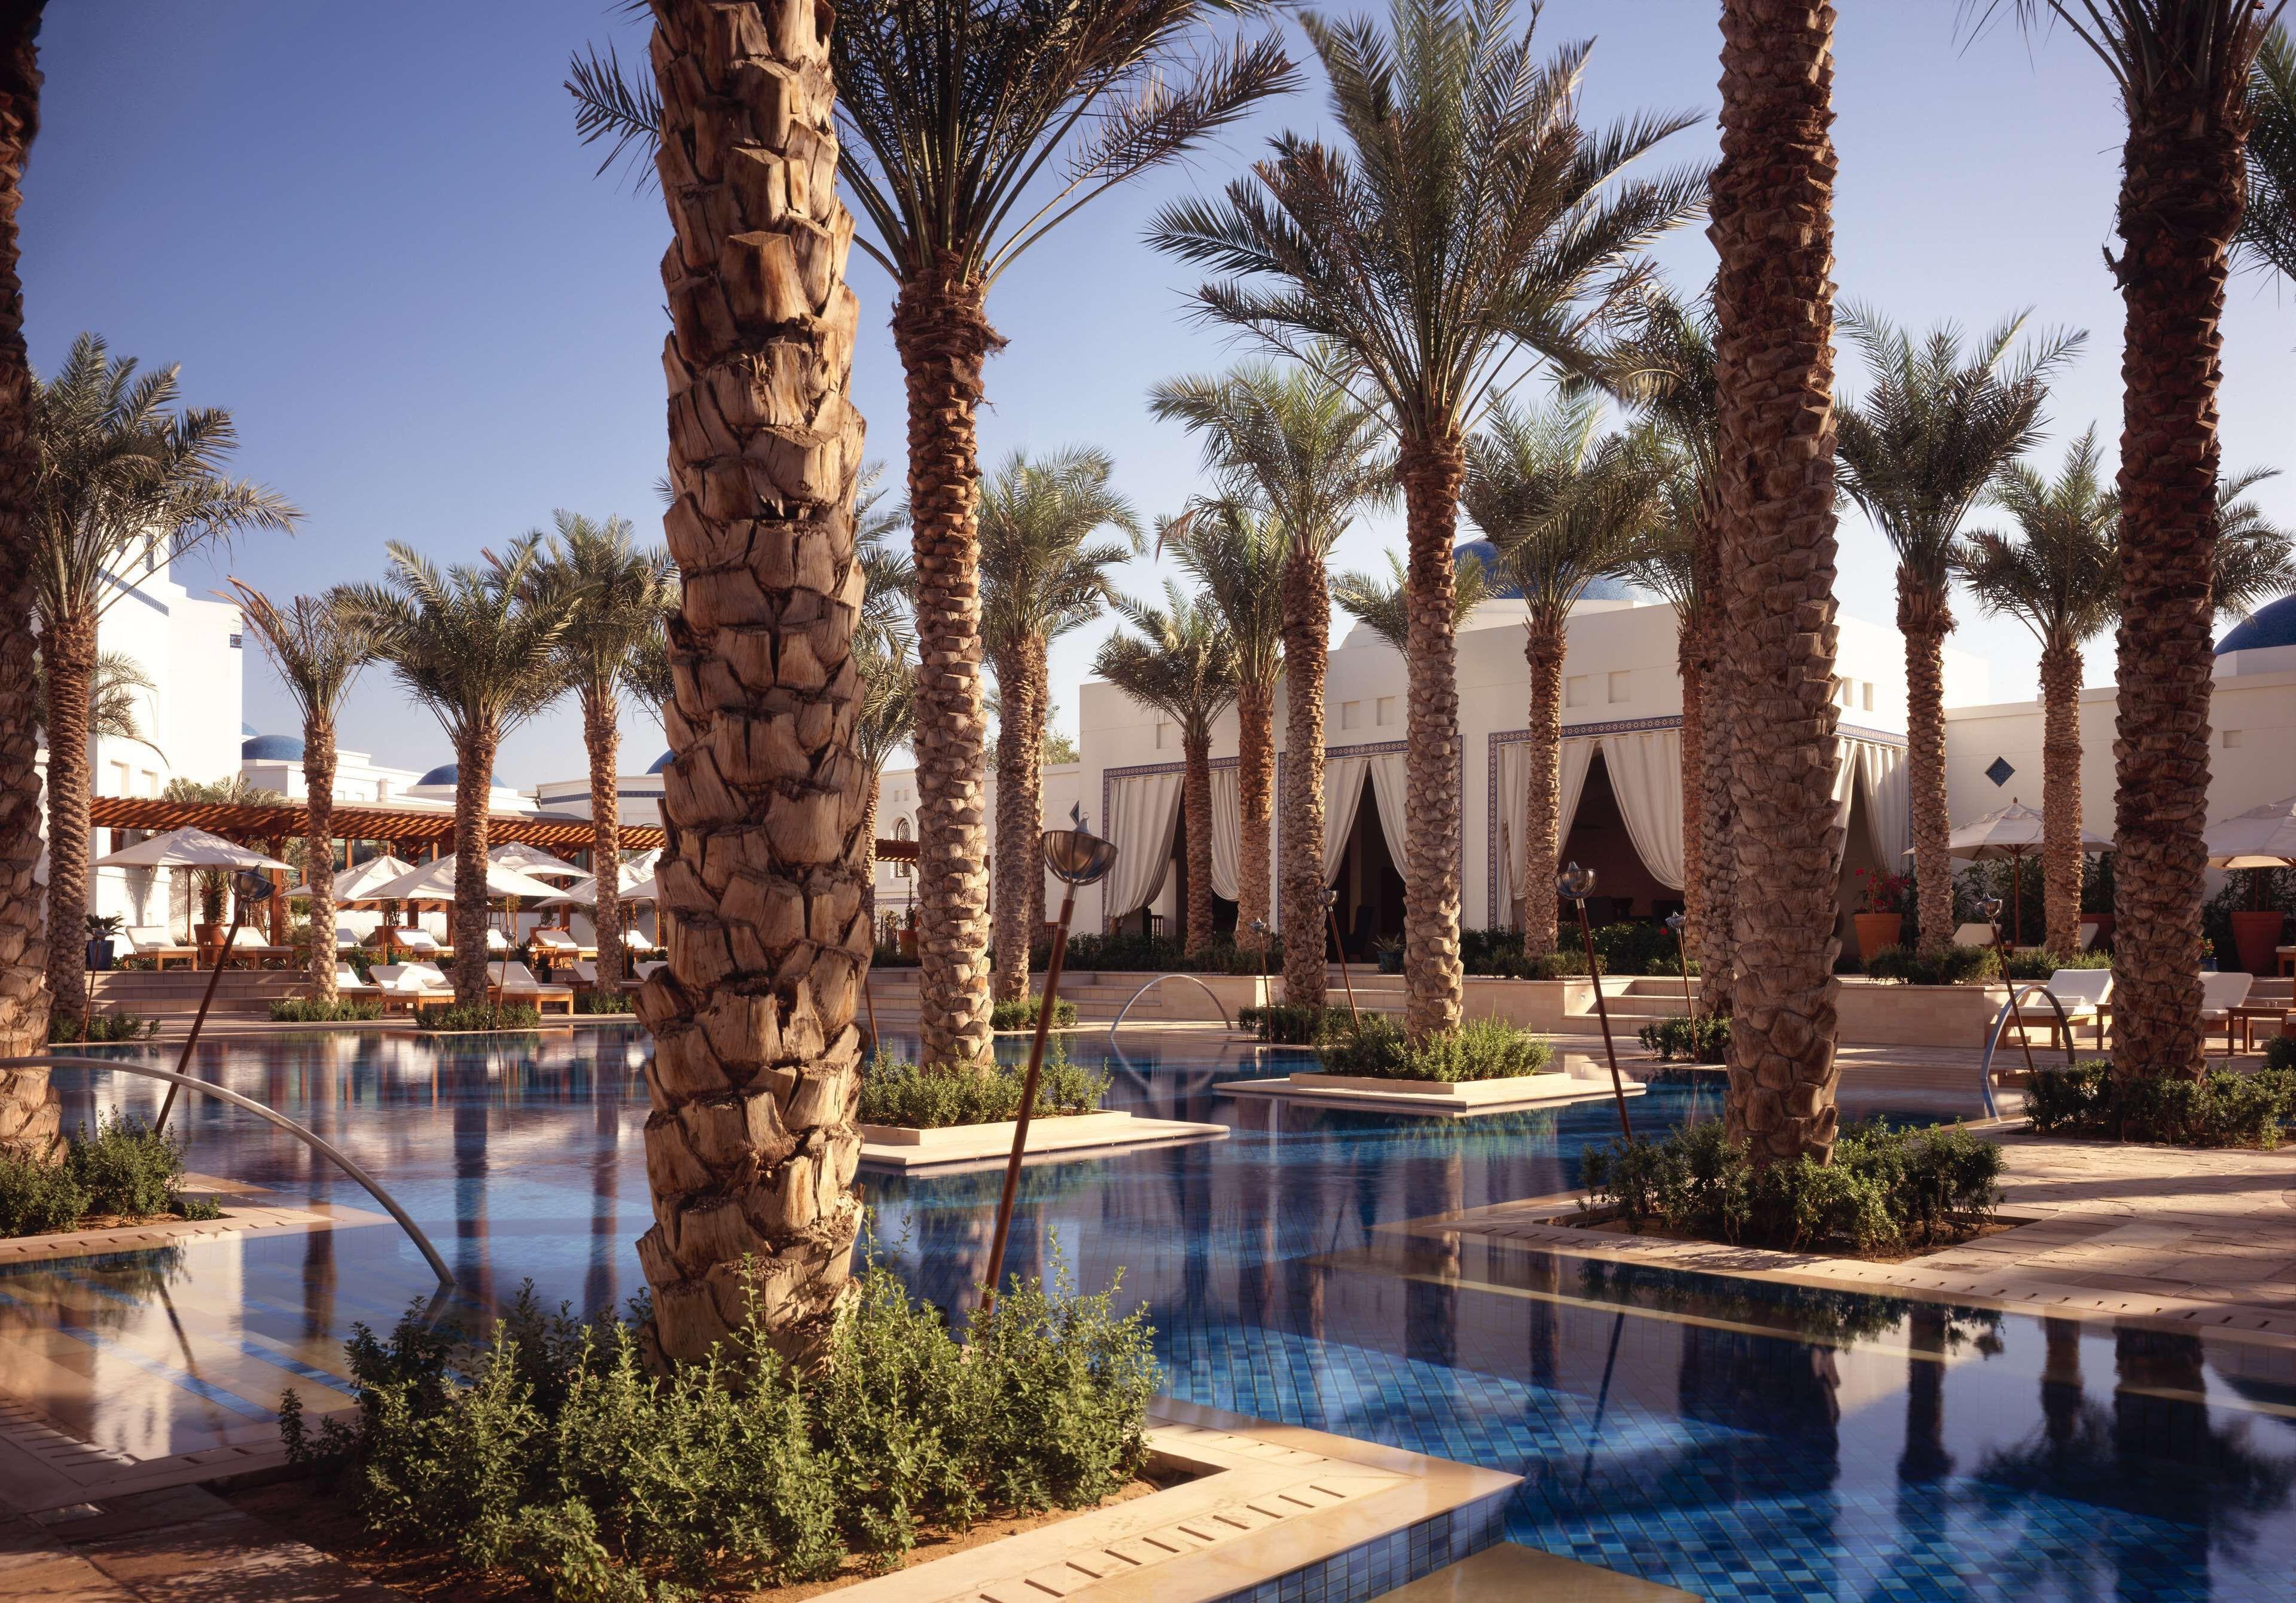 Courtesy of Park Hyatt Dubai / Expedia